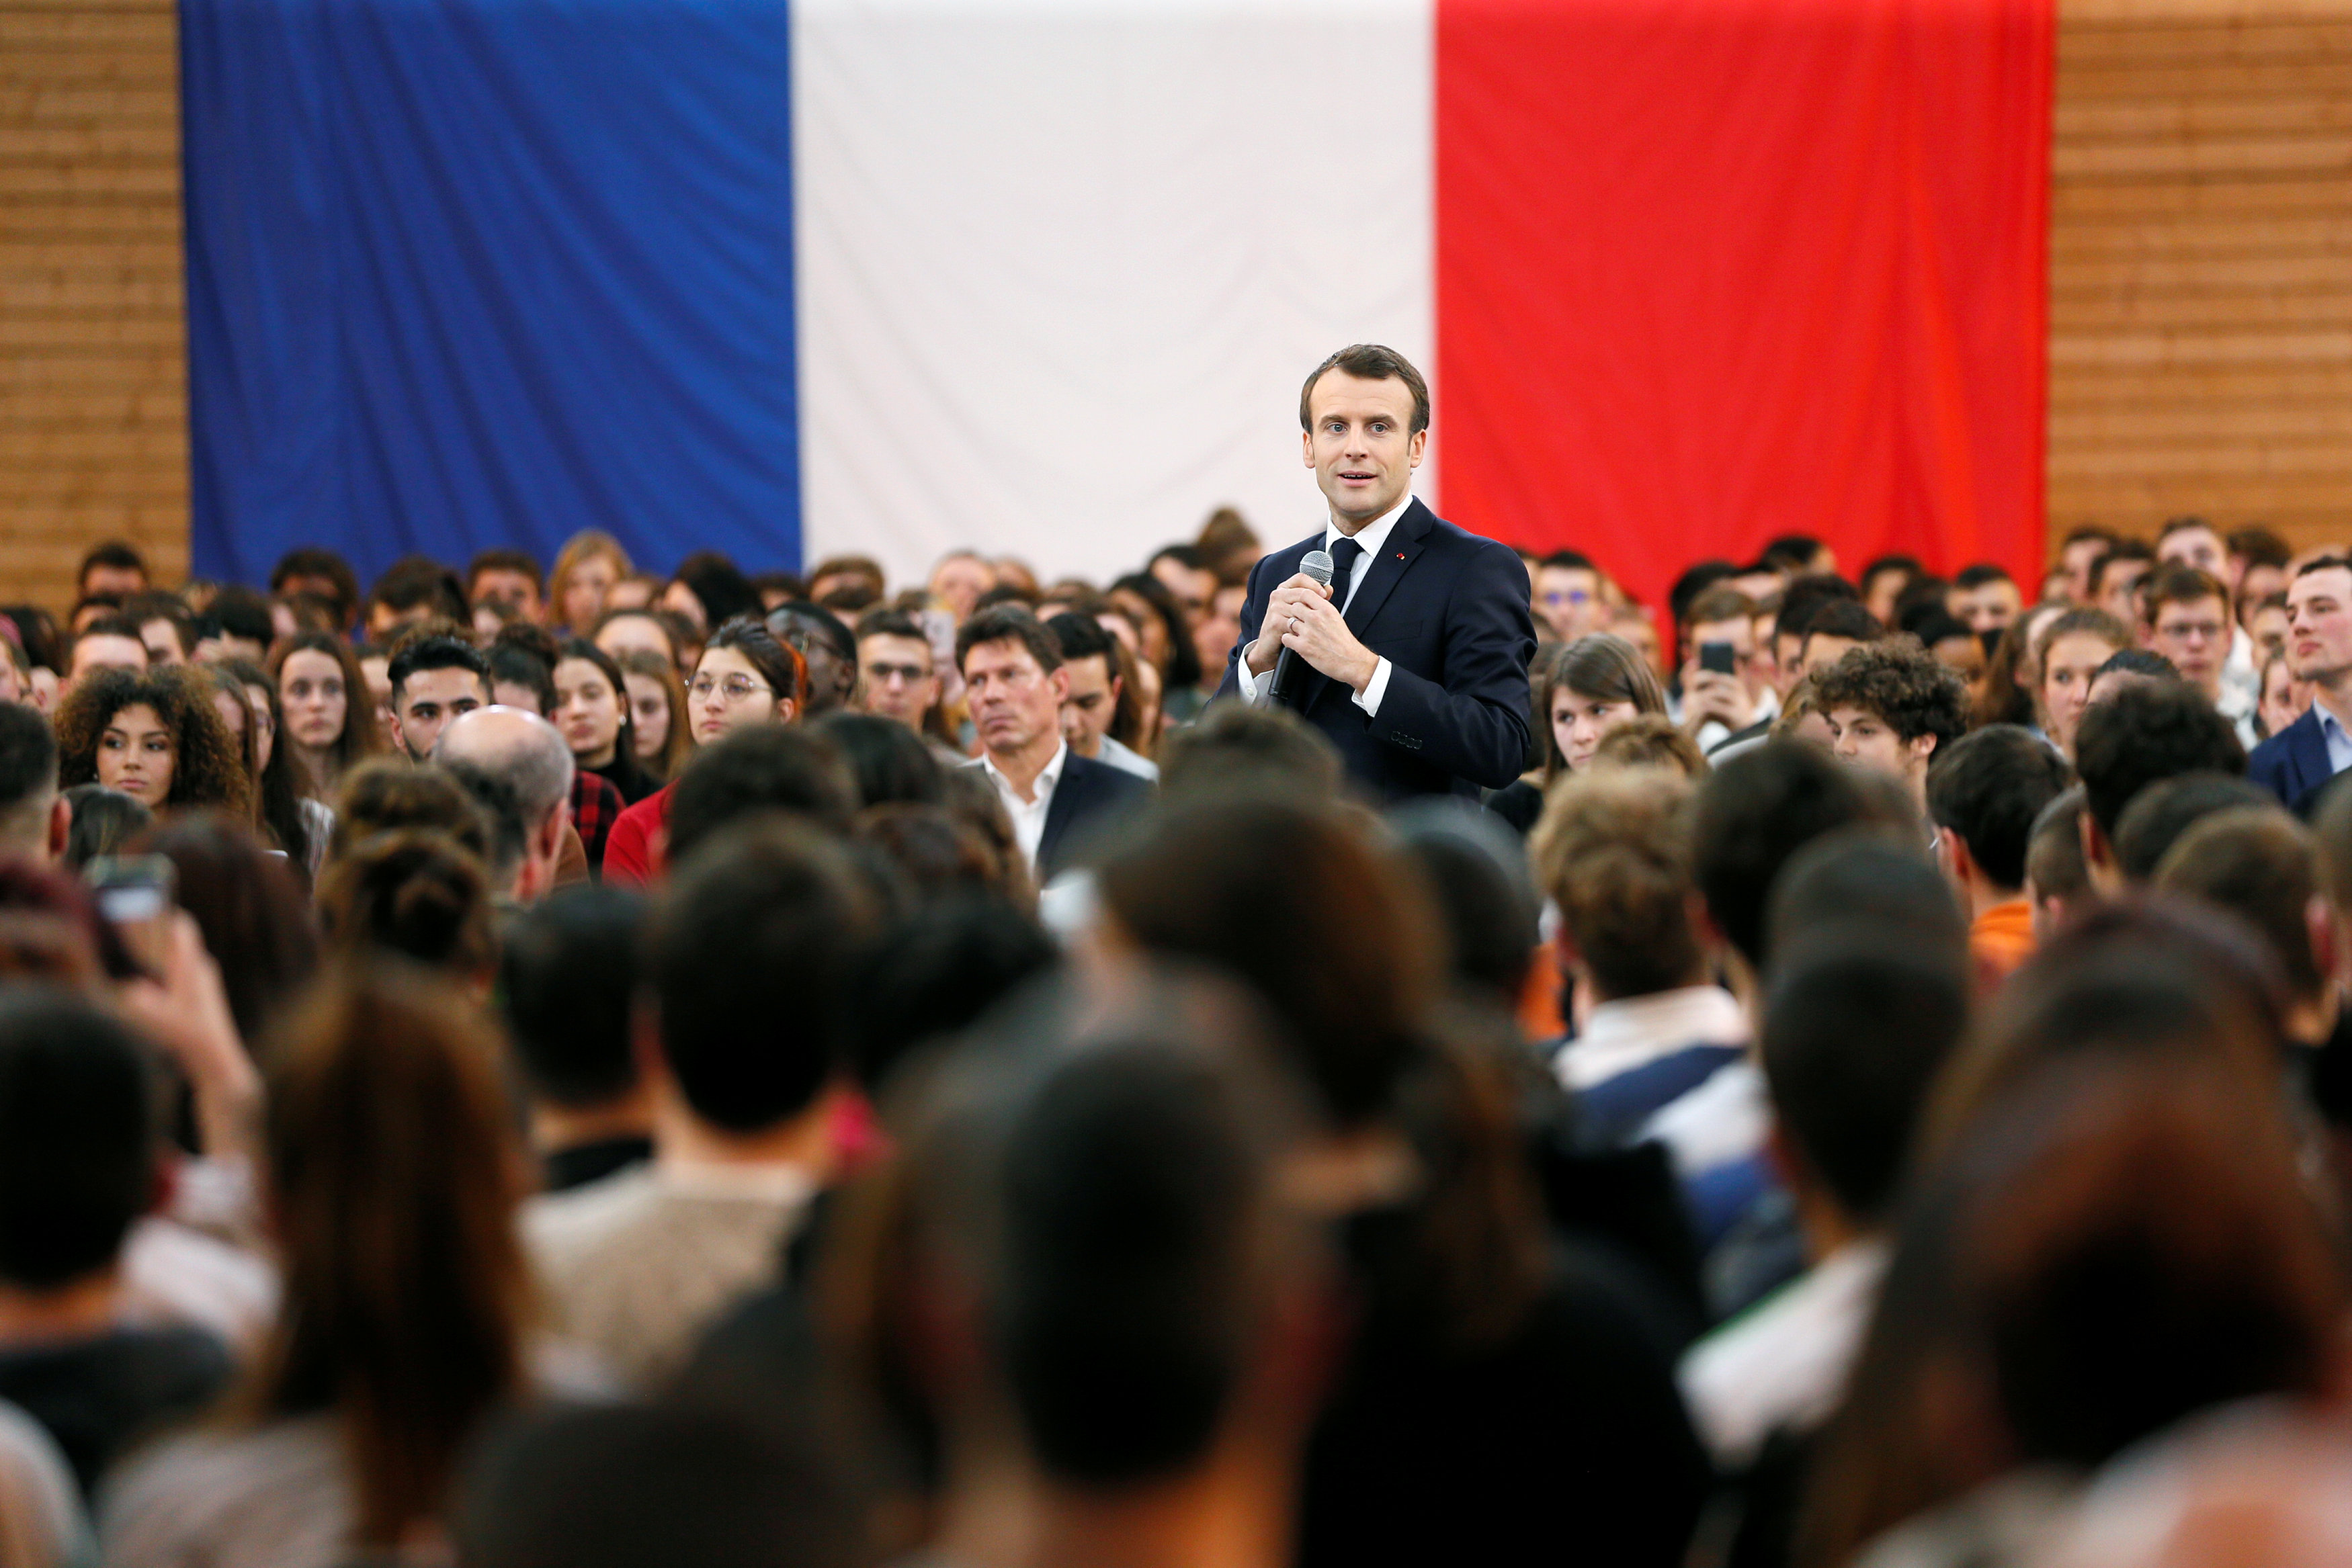 الرئيس الفرنسى يتوسط الحضور ويخاطبهم